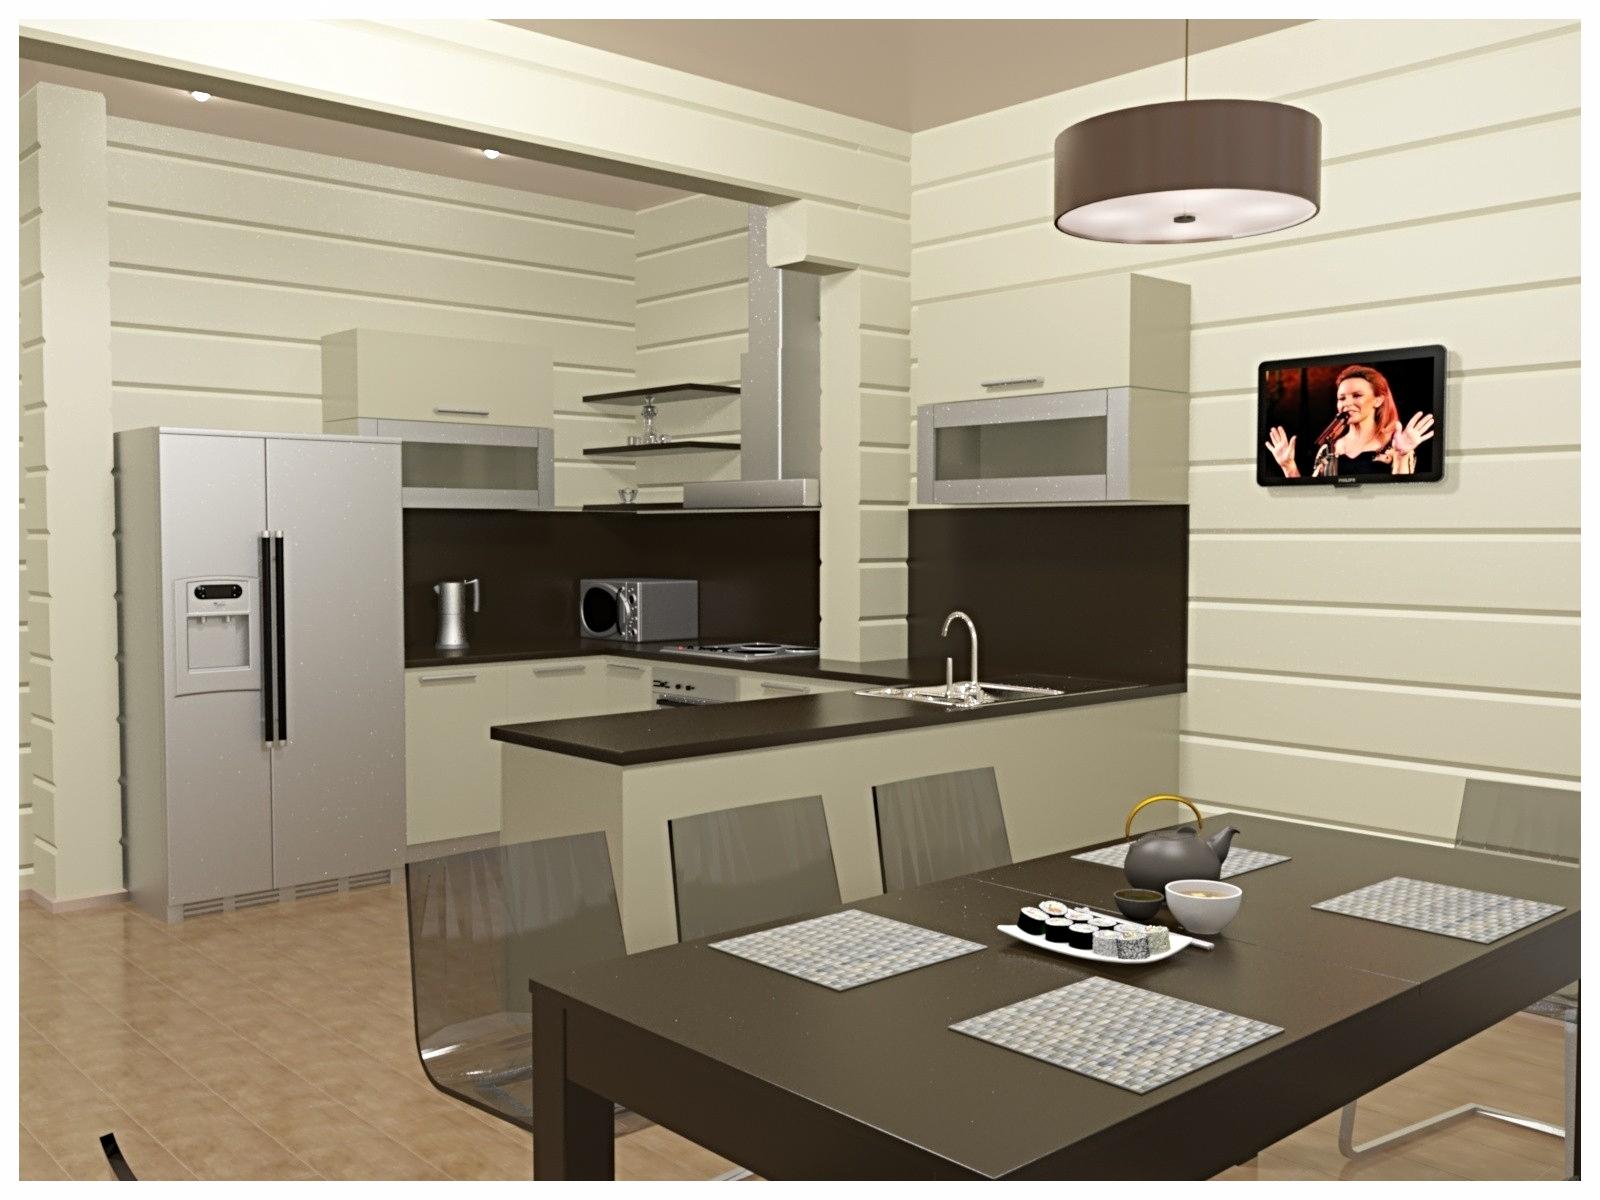 Дизайн интерьеров в коттедже из бруса. Кухня.